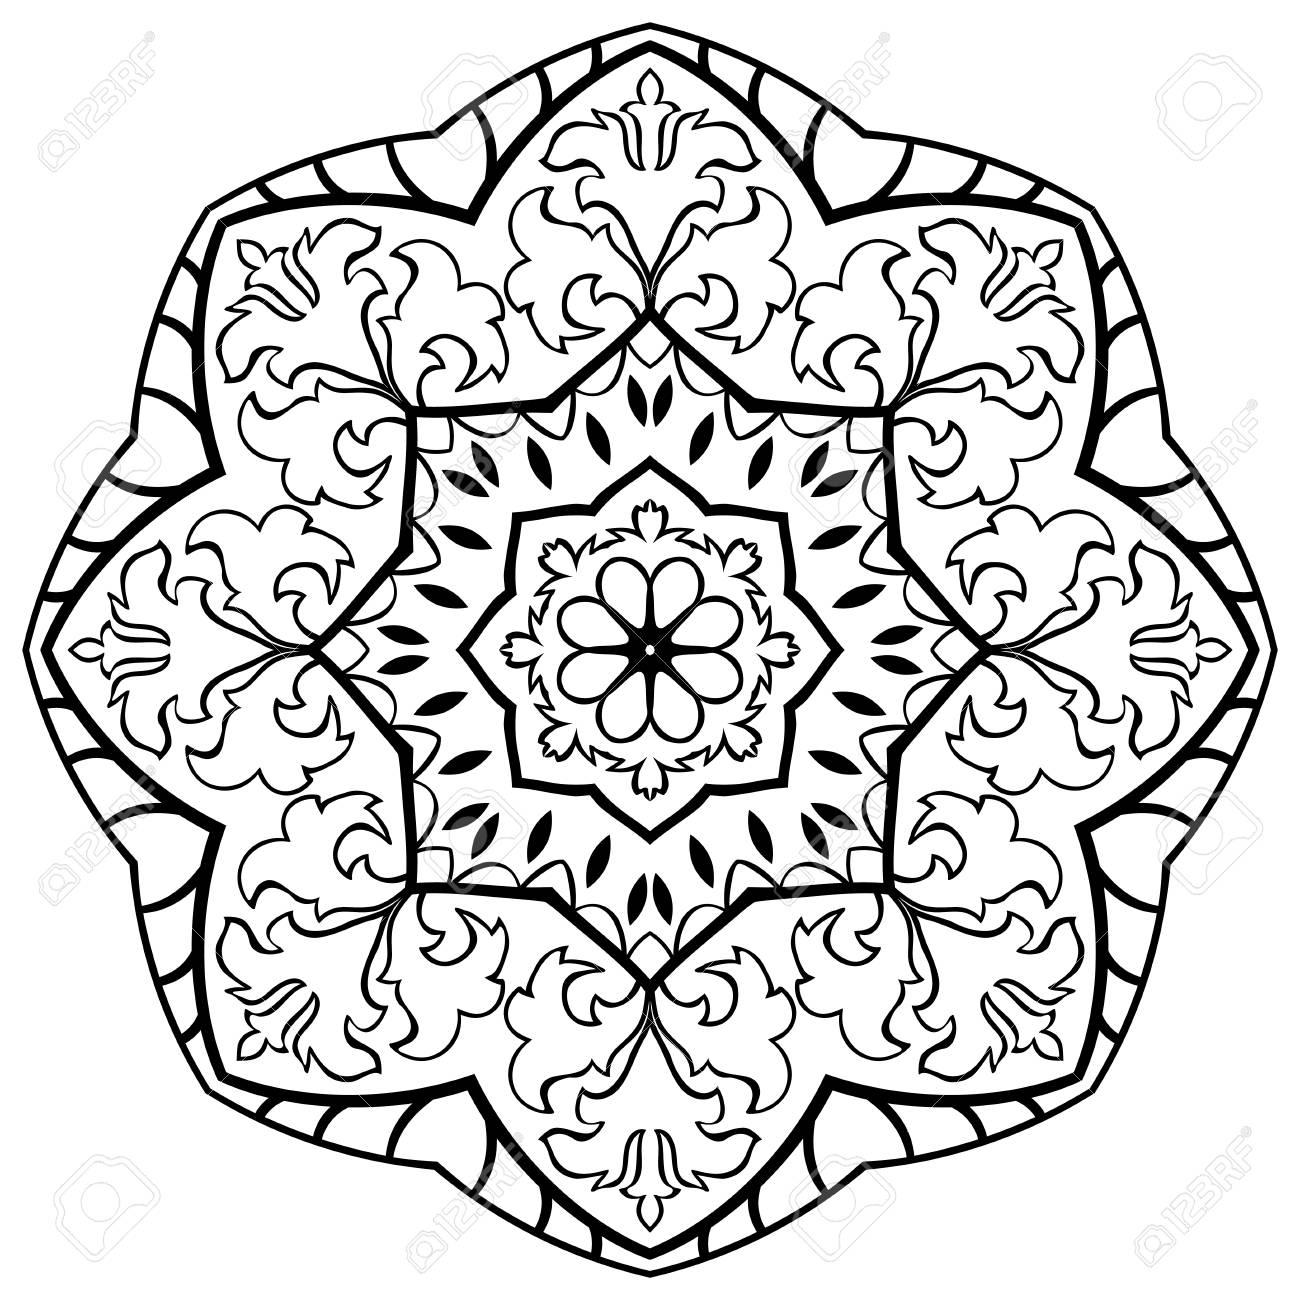 Eastern Vektor Schwarz Weiss Mandala Rund Gestaltungselement Fur Teppiche Schals Und Jeder Oberflache Vorlage Fur Verzierung Einfache Muster Lizenzfrei Nutzbare Vektorgrafiken Clip Arts Illustrationen Image 53447572